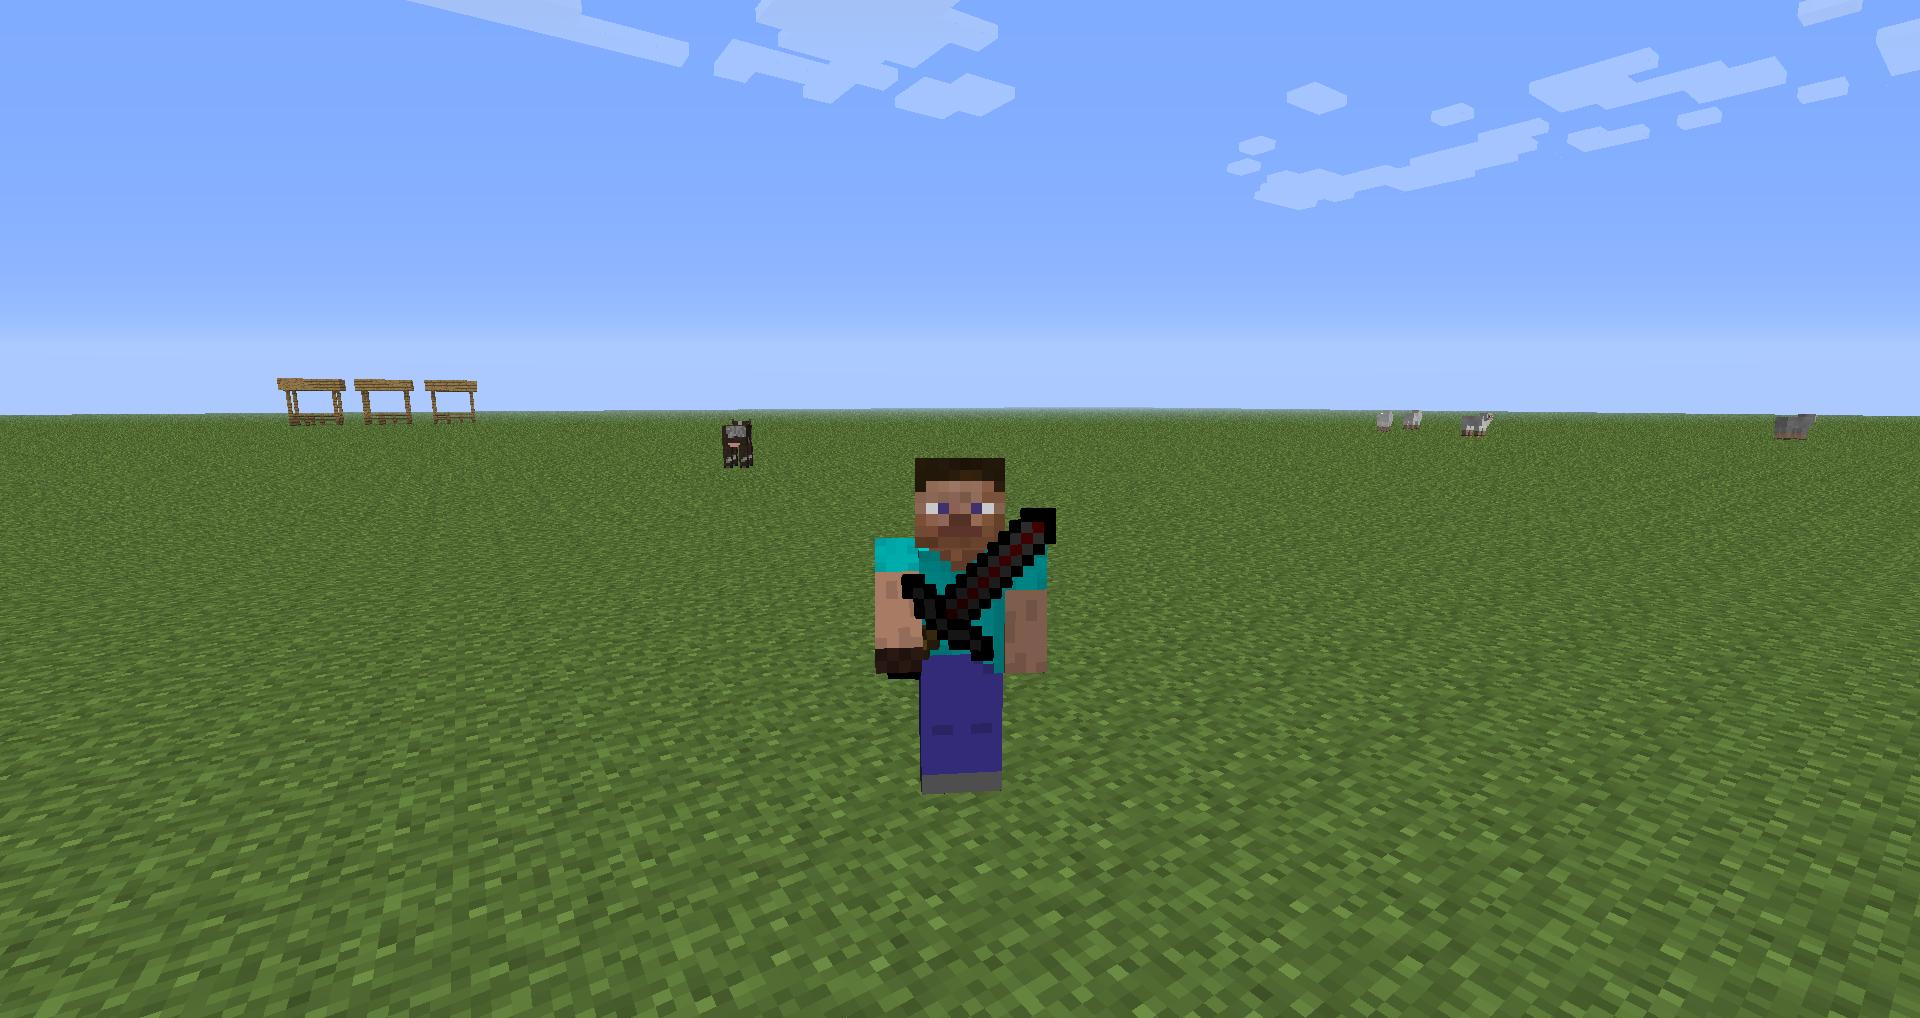 69f7b  BnqtB Zombie Apocalypse Mod for Minecraft 1.4.5